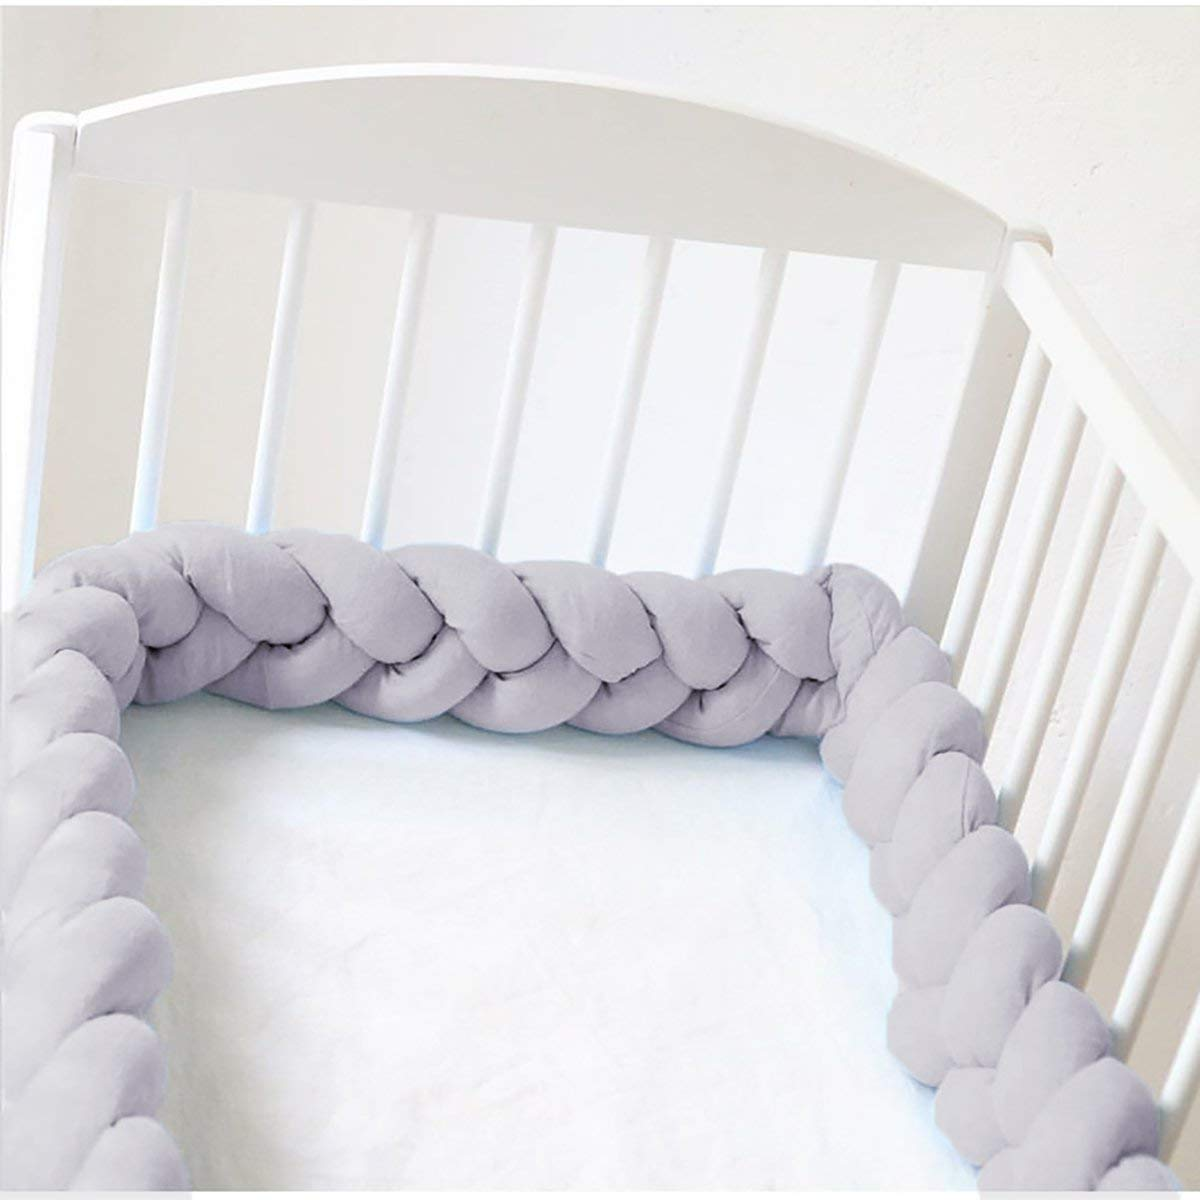 Blau, 200CM HEQUN Baby Nestchen Bettumrandung Weben Kantenschut Kopfschutz Sto/ßf/änger Dekoration f/ür Krippe Kinderbett Bettumrandung 200 cm